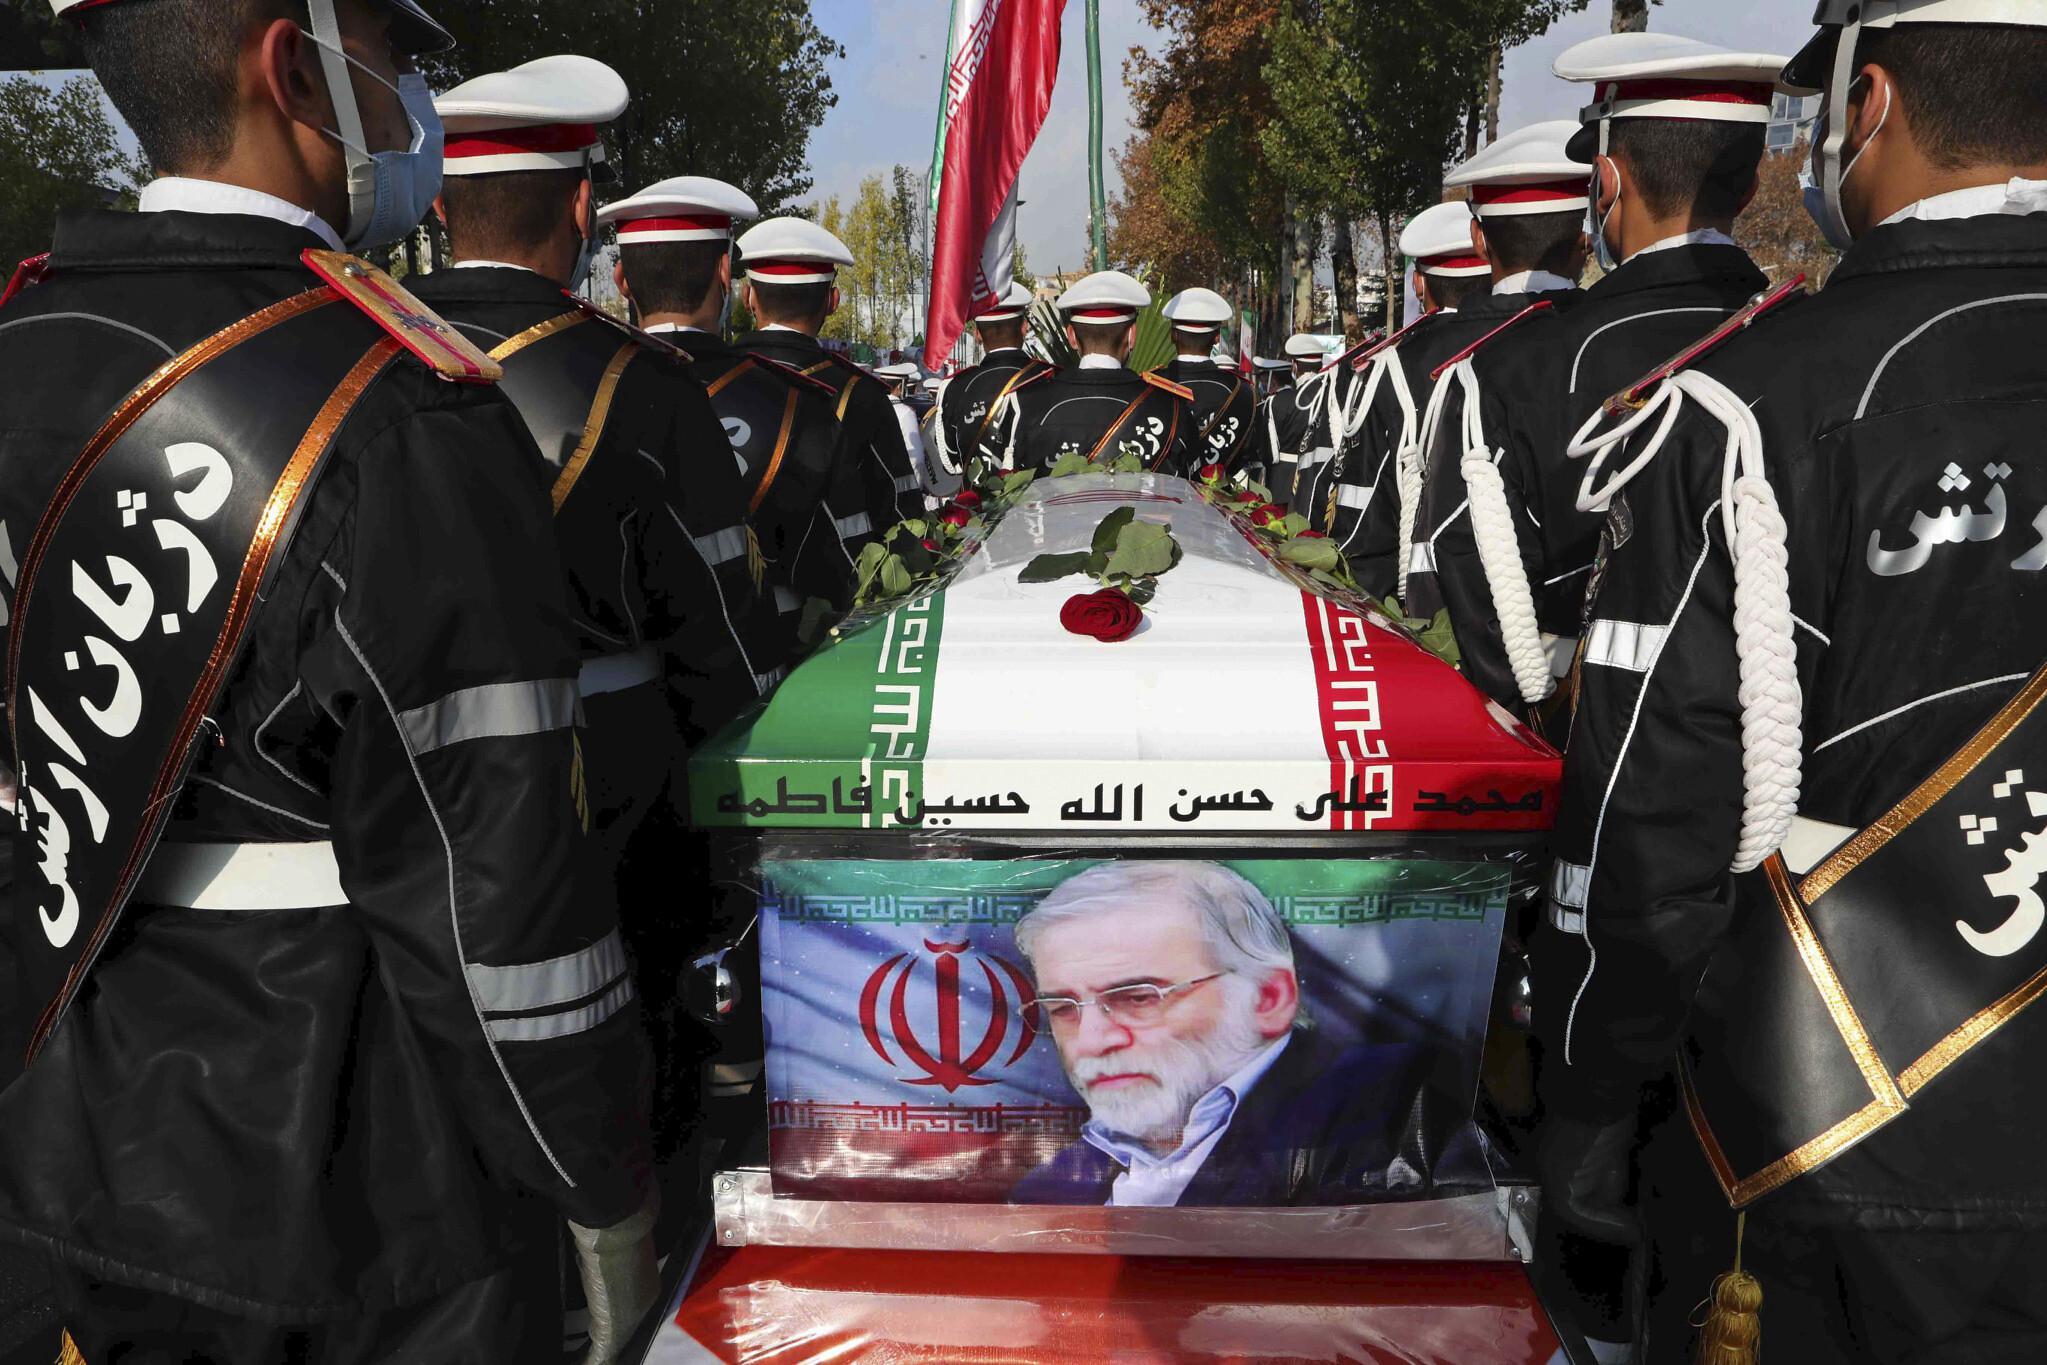 无视伊朗开战警告,以色列大军集结待命,总司令:败局已定